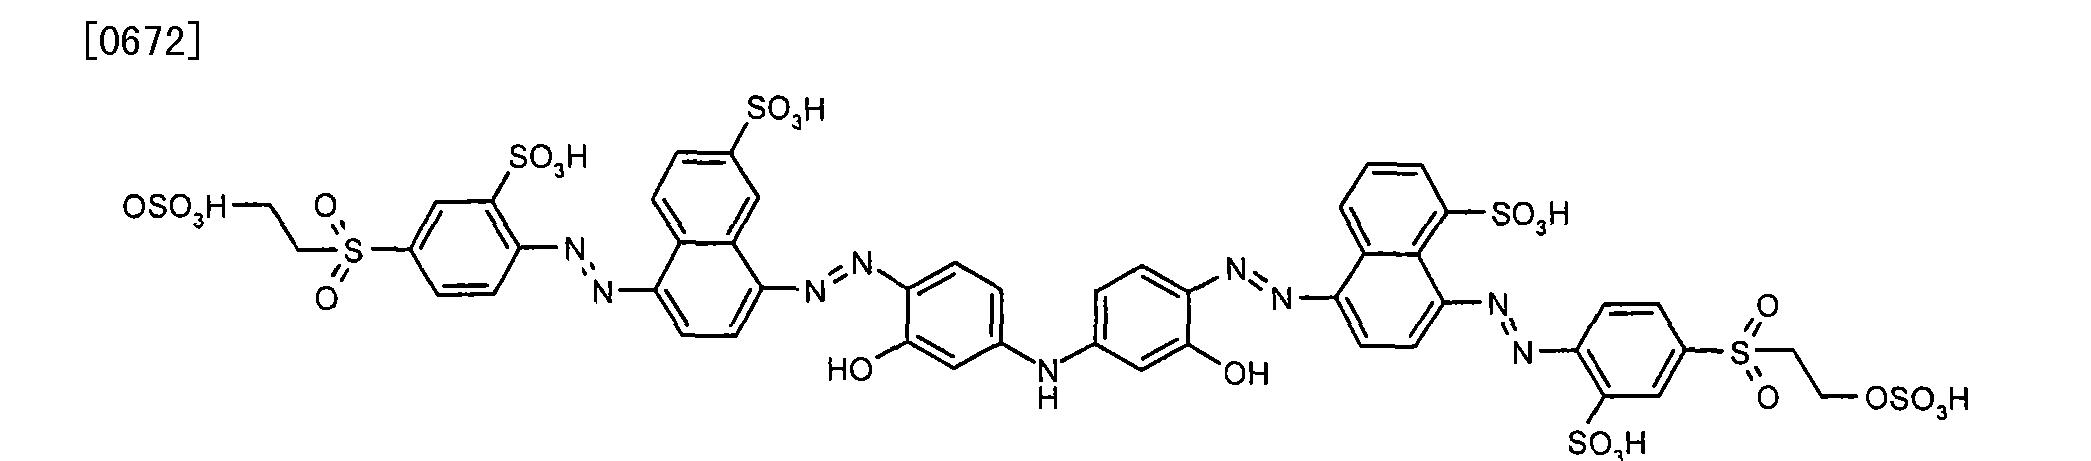 Figure CN101891967BD00851